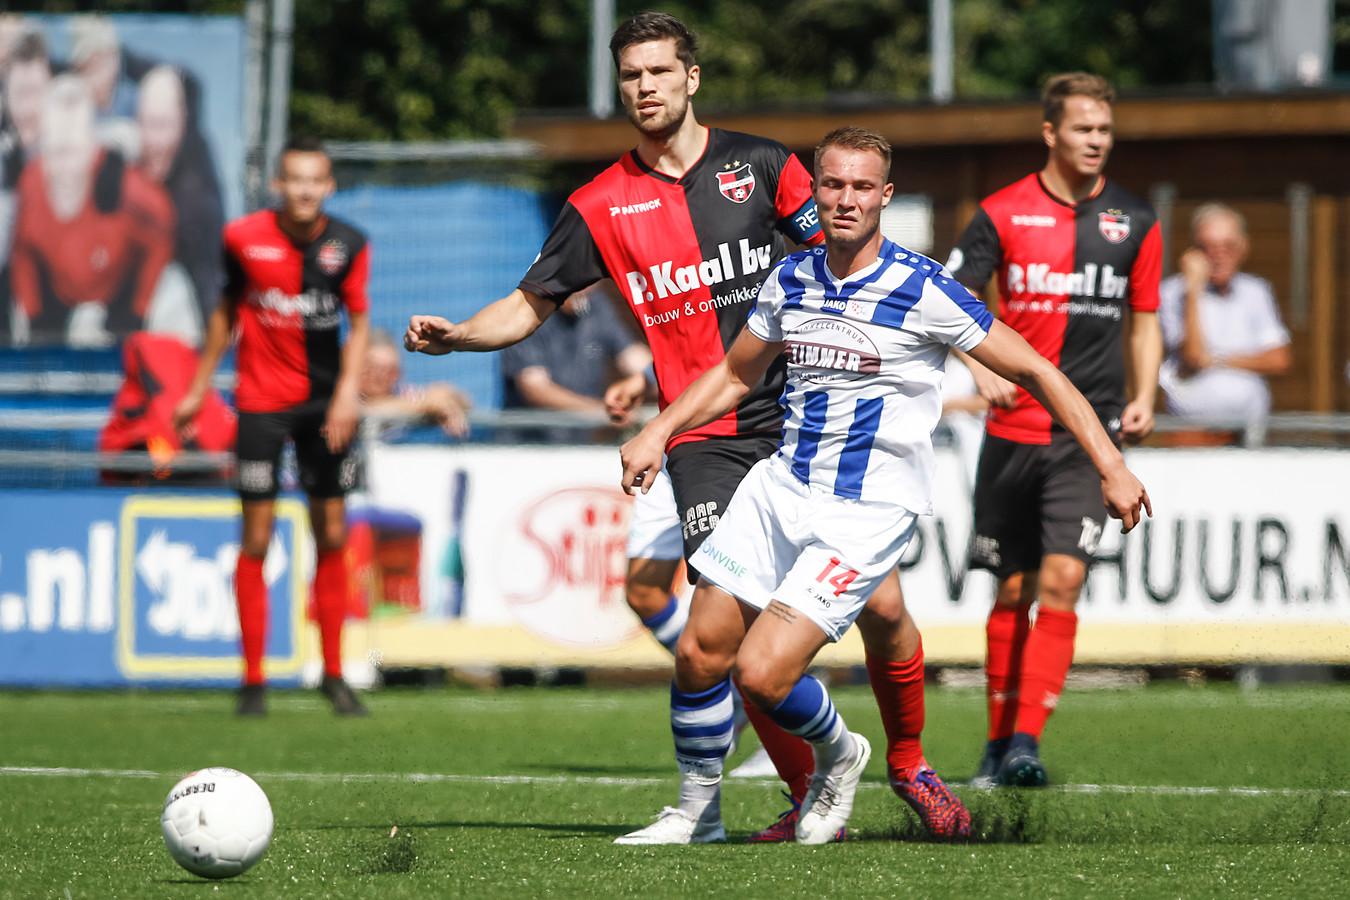 FC Lienden-speler Nick Hak (rechts) wordt in de gaten gehouden door De Treffers-verdediger Pim Balkestein.